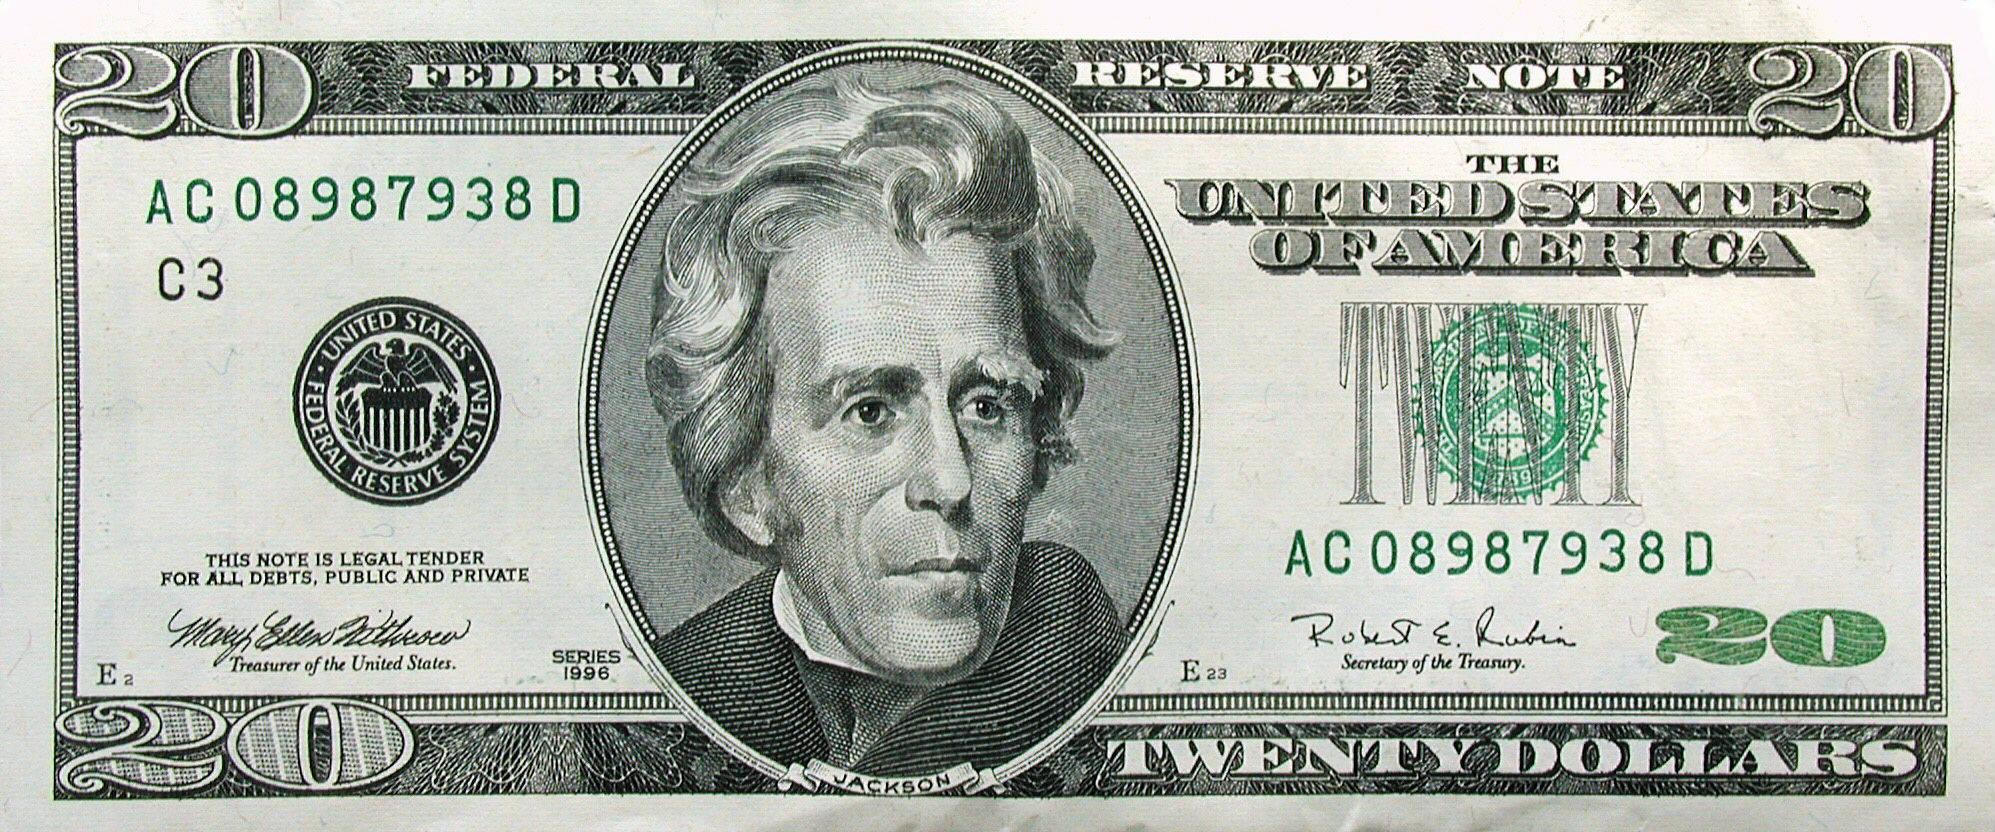 20 dollar bill clipart clip art freeuse stock Cliparts $20 Bill - Clip Art Life clip art freeuse stock